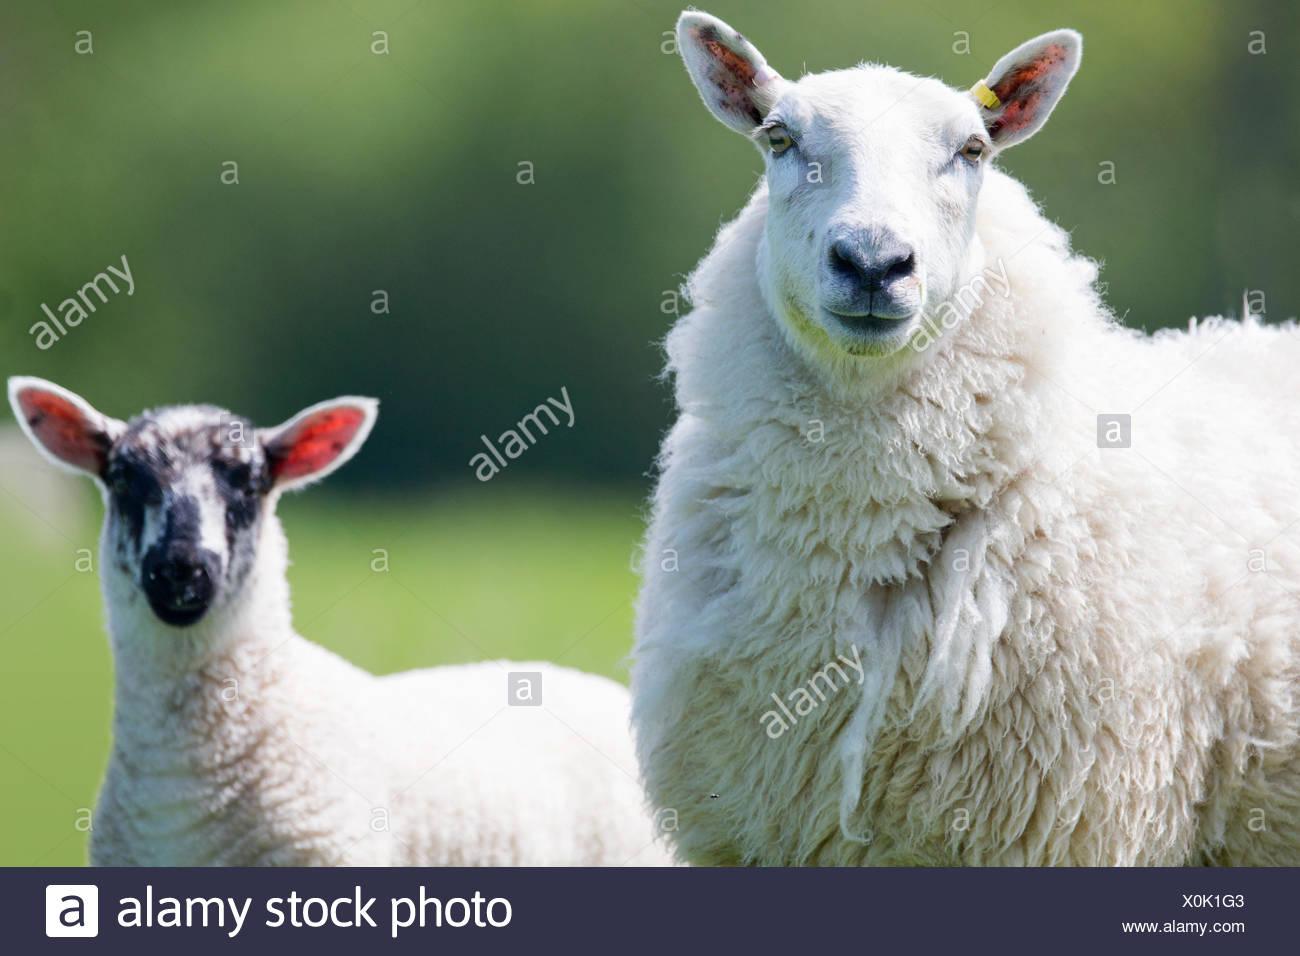 Close Up retrato de cordero y oveja Imagen De Stock